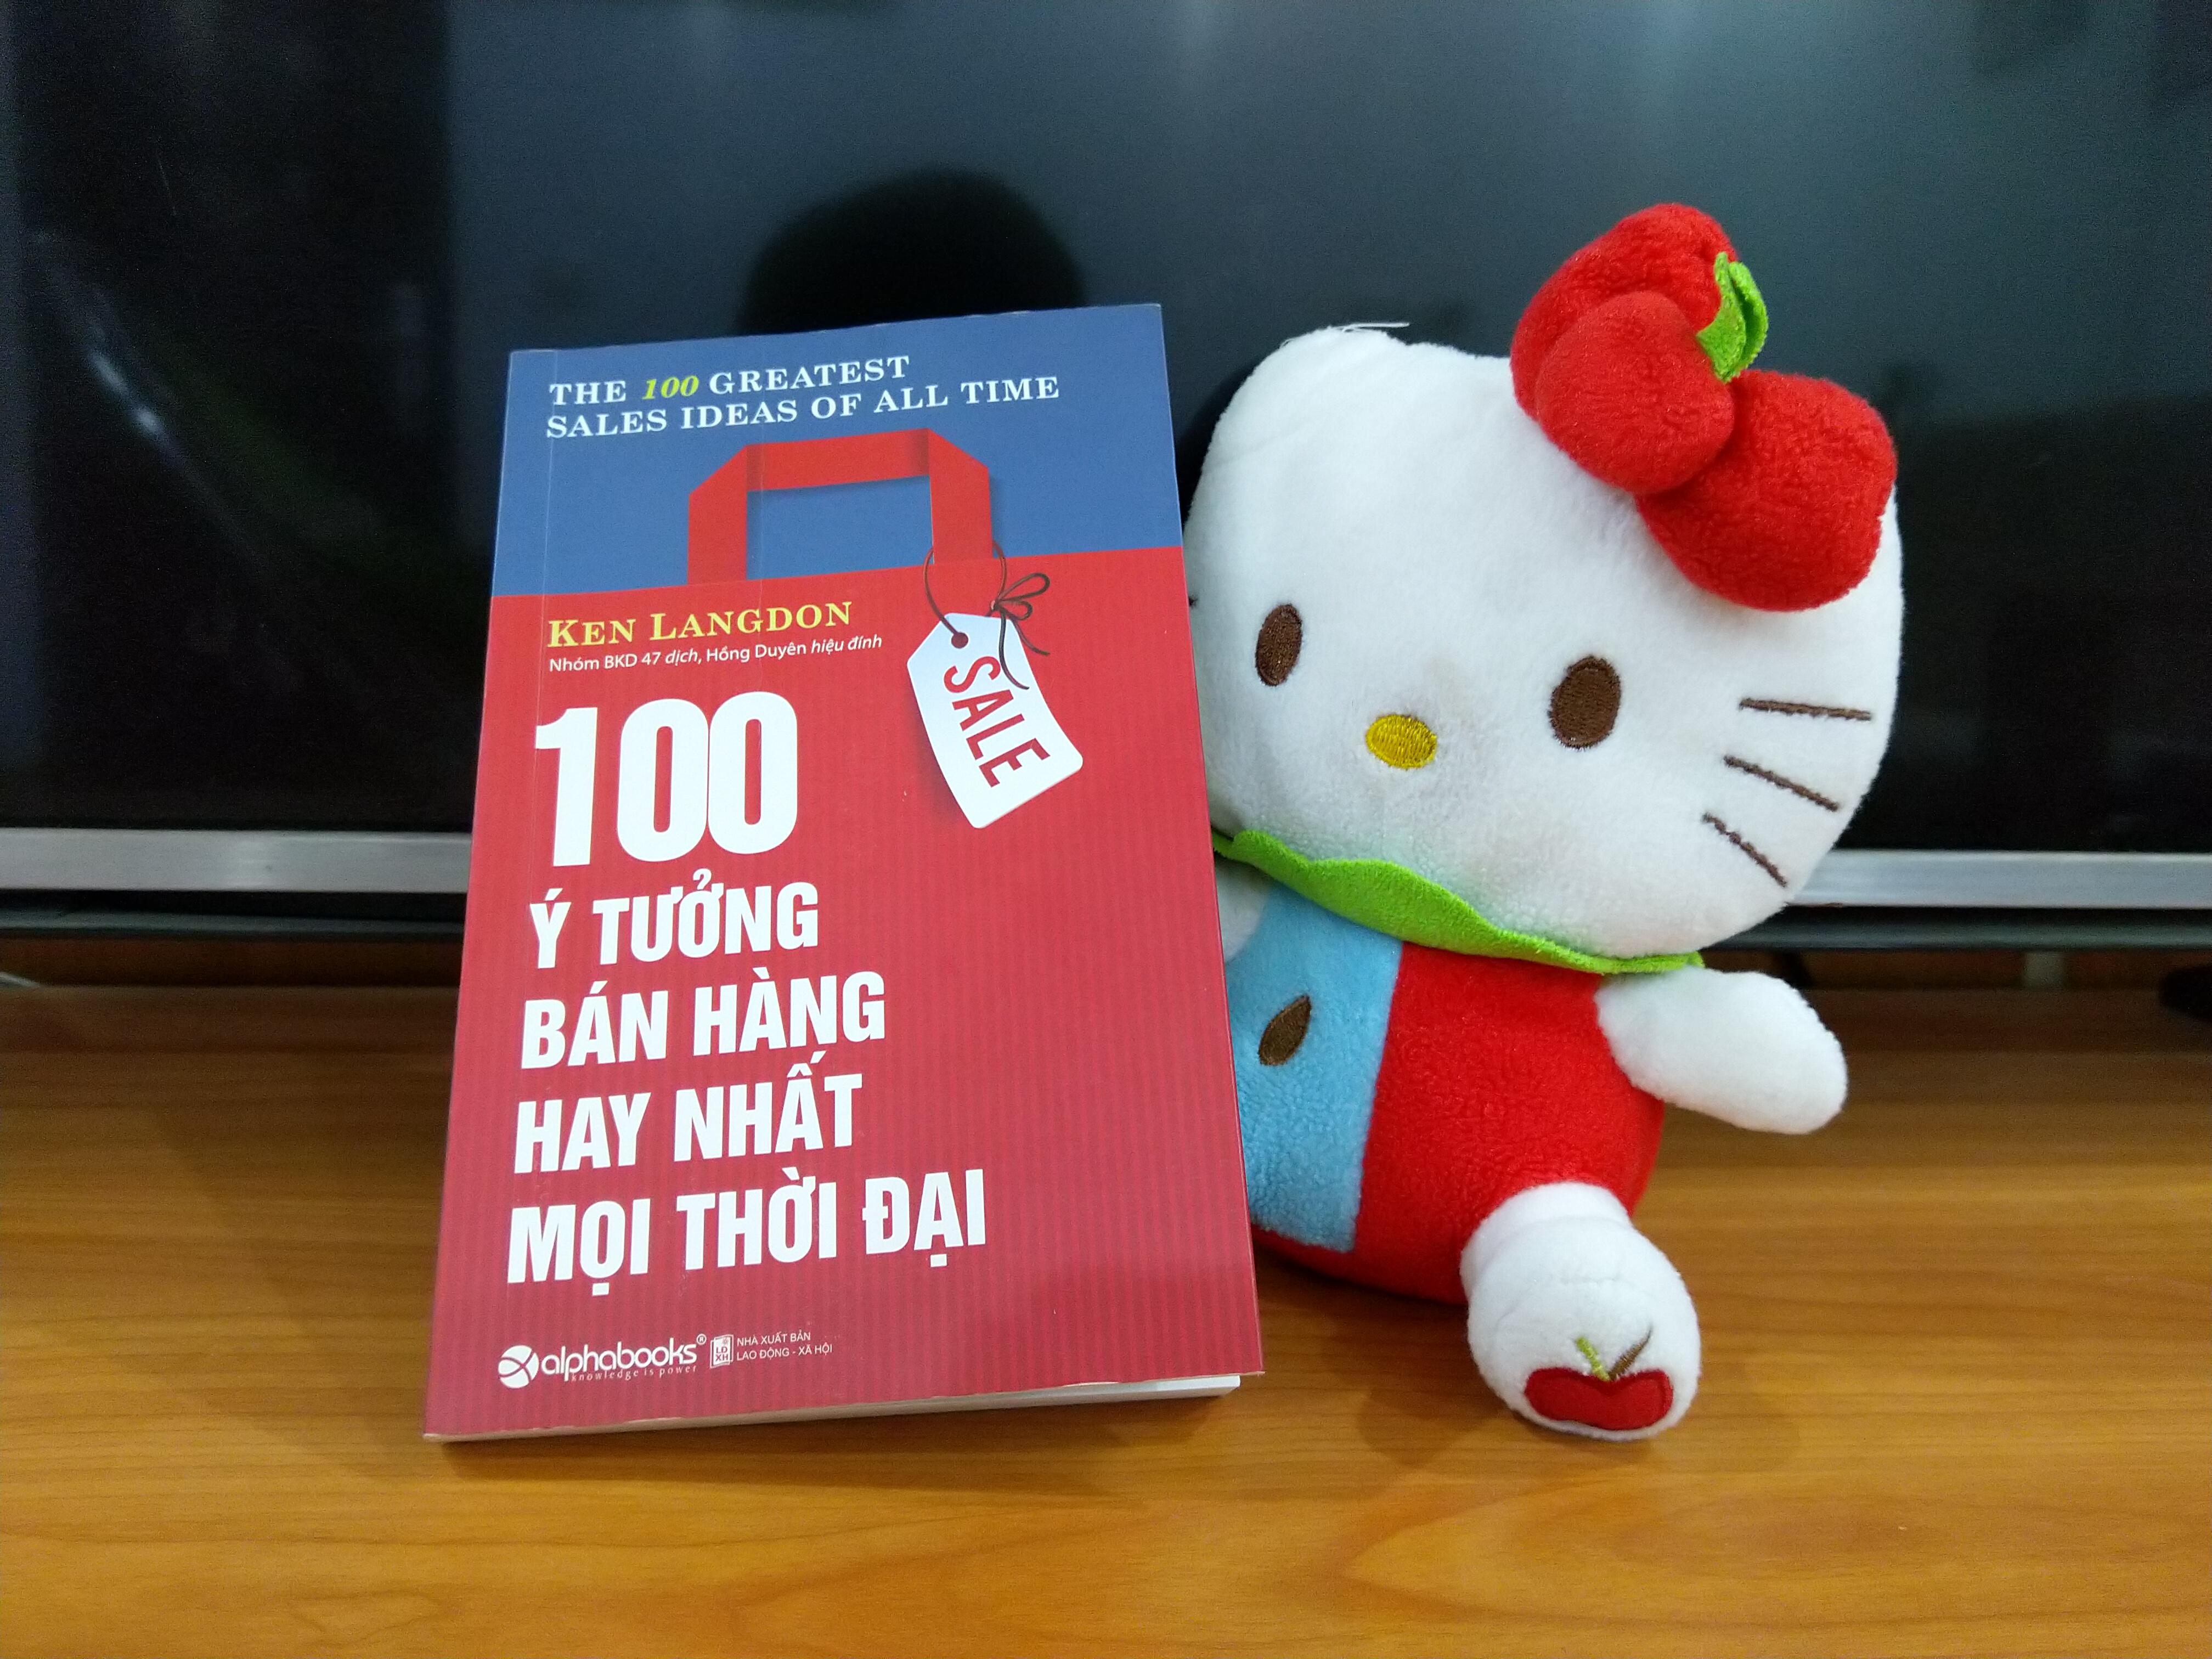 100 y tuong ban hang hay nhat moi thoi dai 4